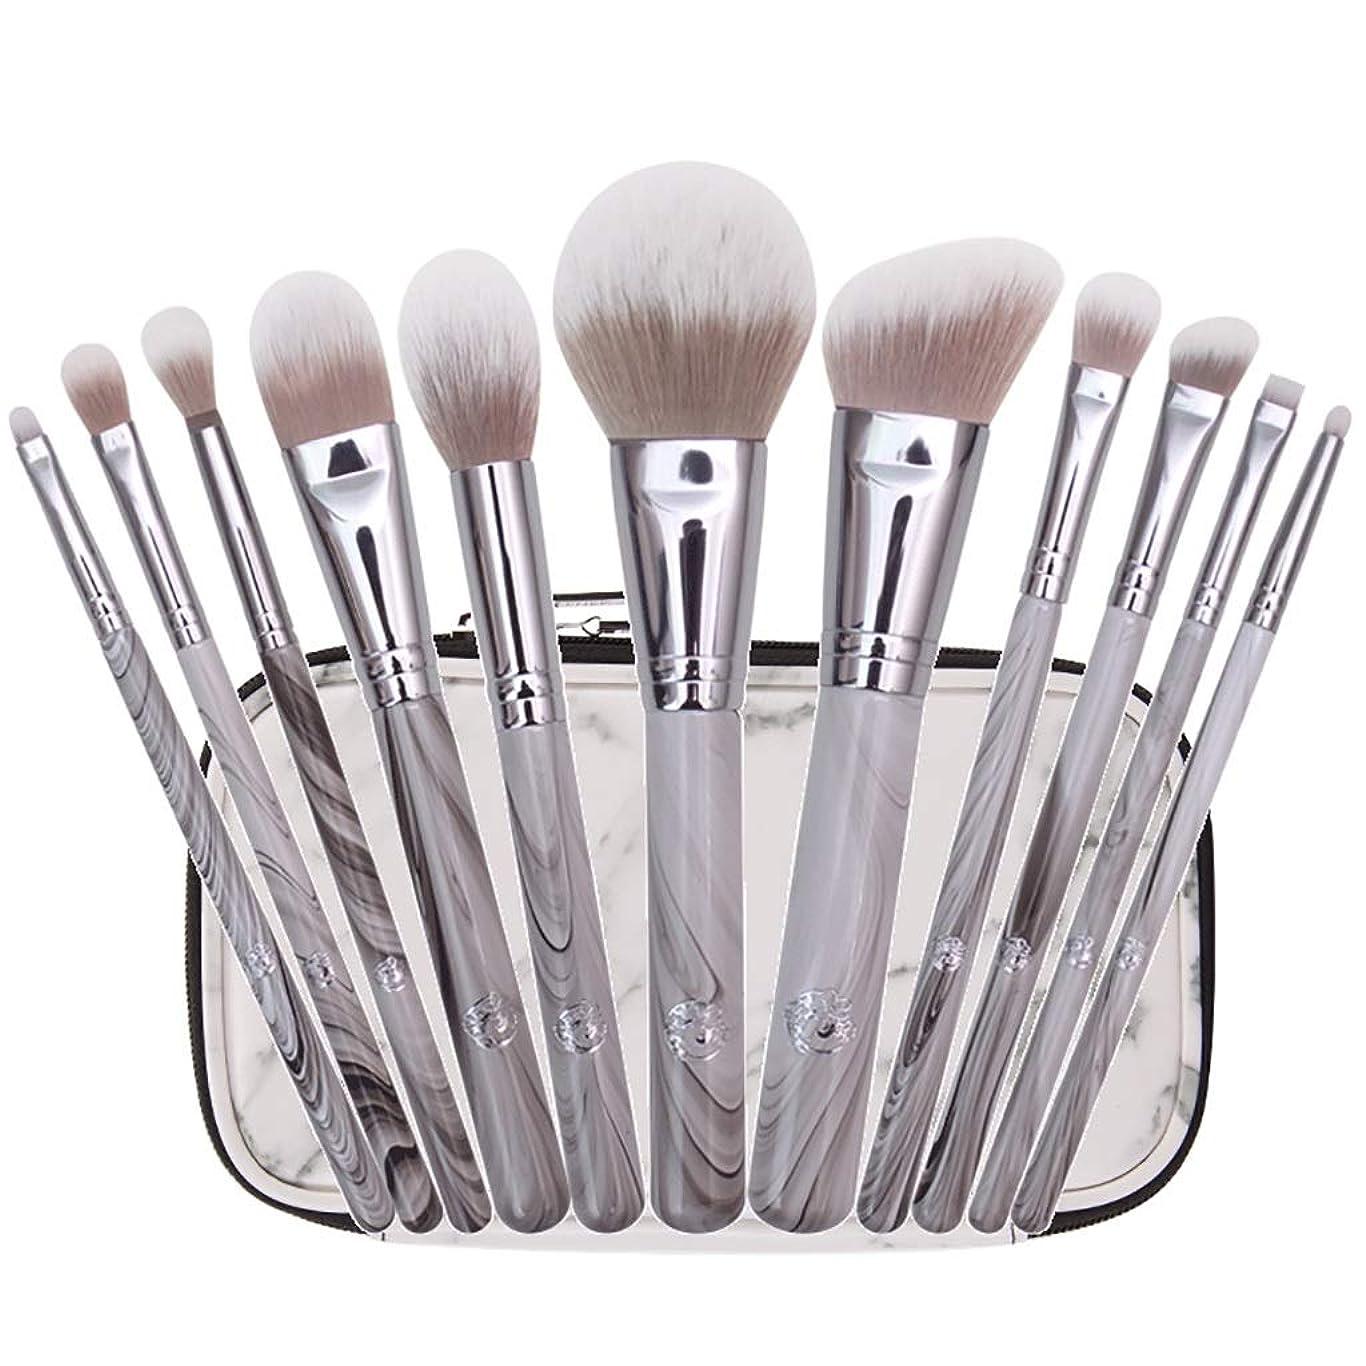 事チャップ特権的YJ-JP 化粧ブラシ、化粧セットブラシ11セット、アイシャドウブラシブラッシュブラシ美容化粧化粧ブラシツール (Color : Metallic)